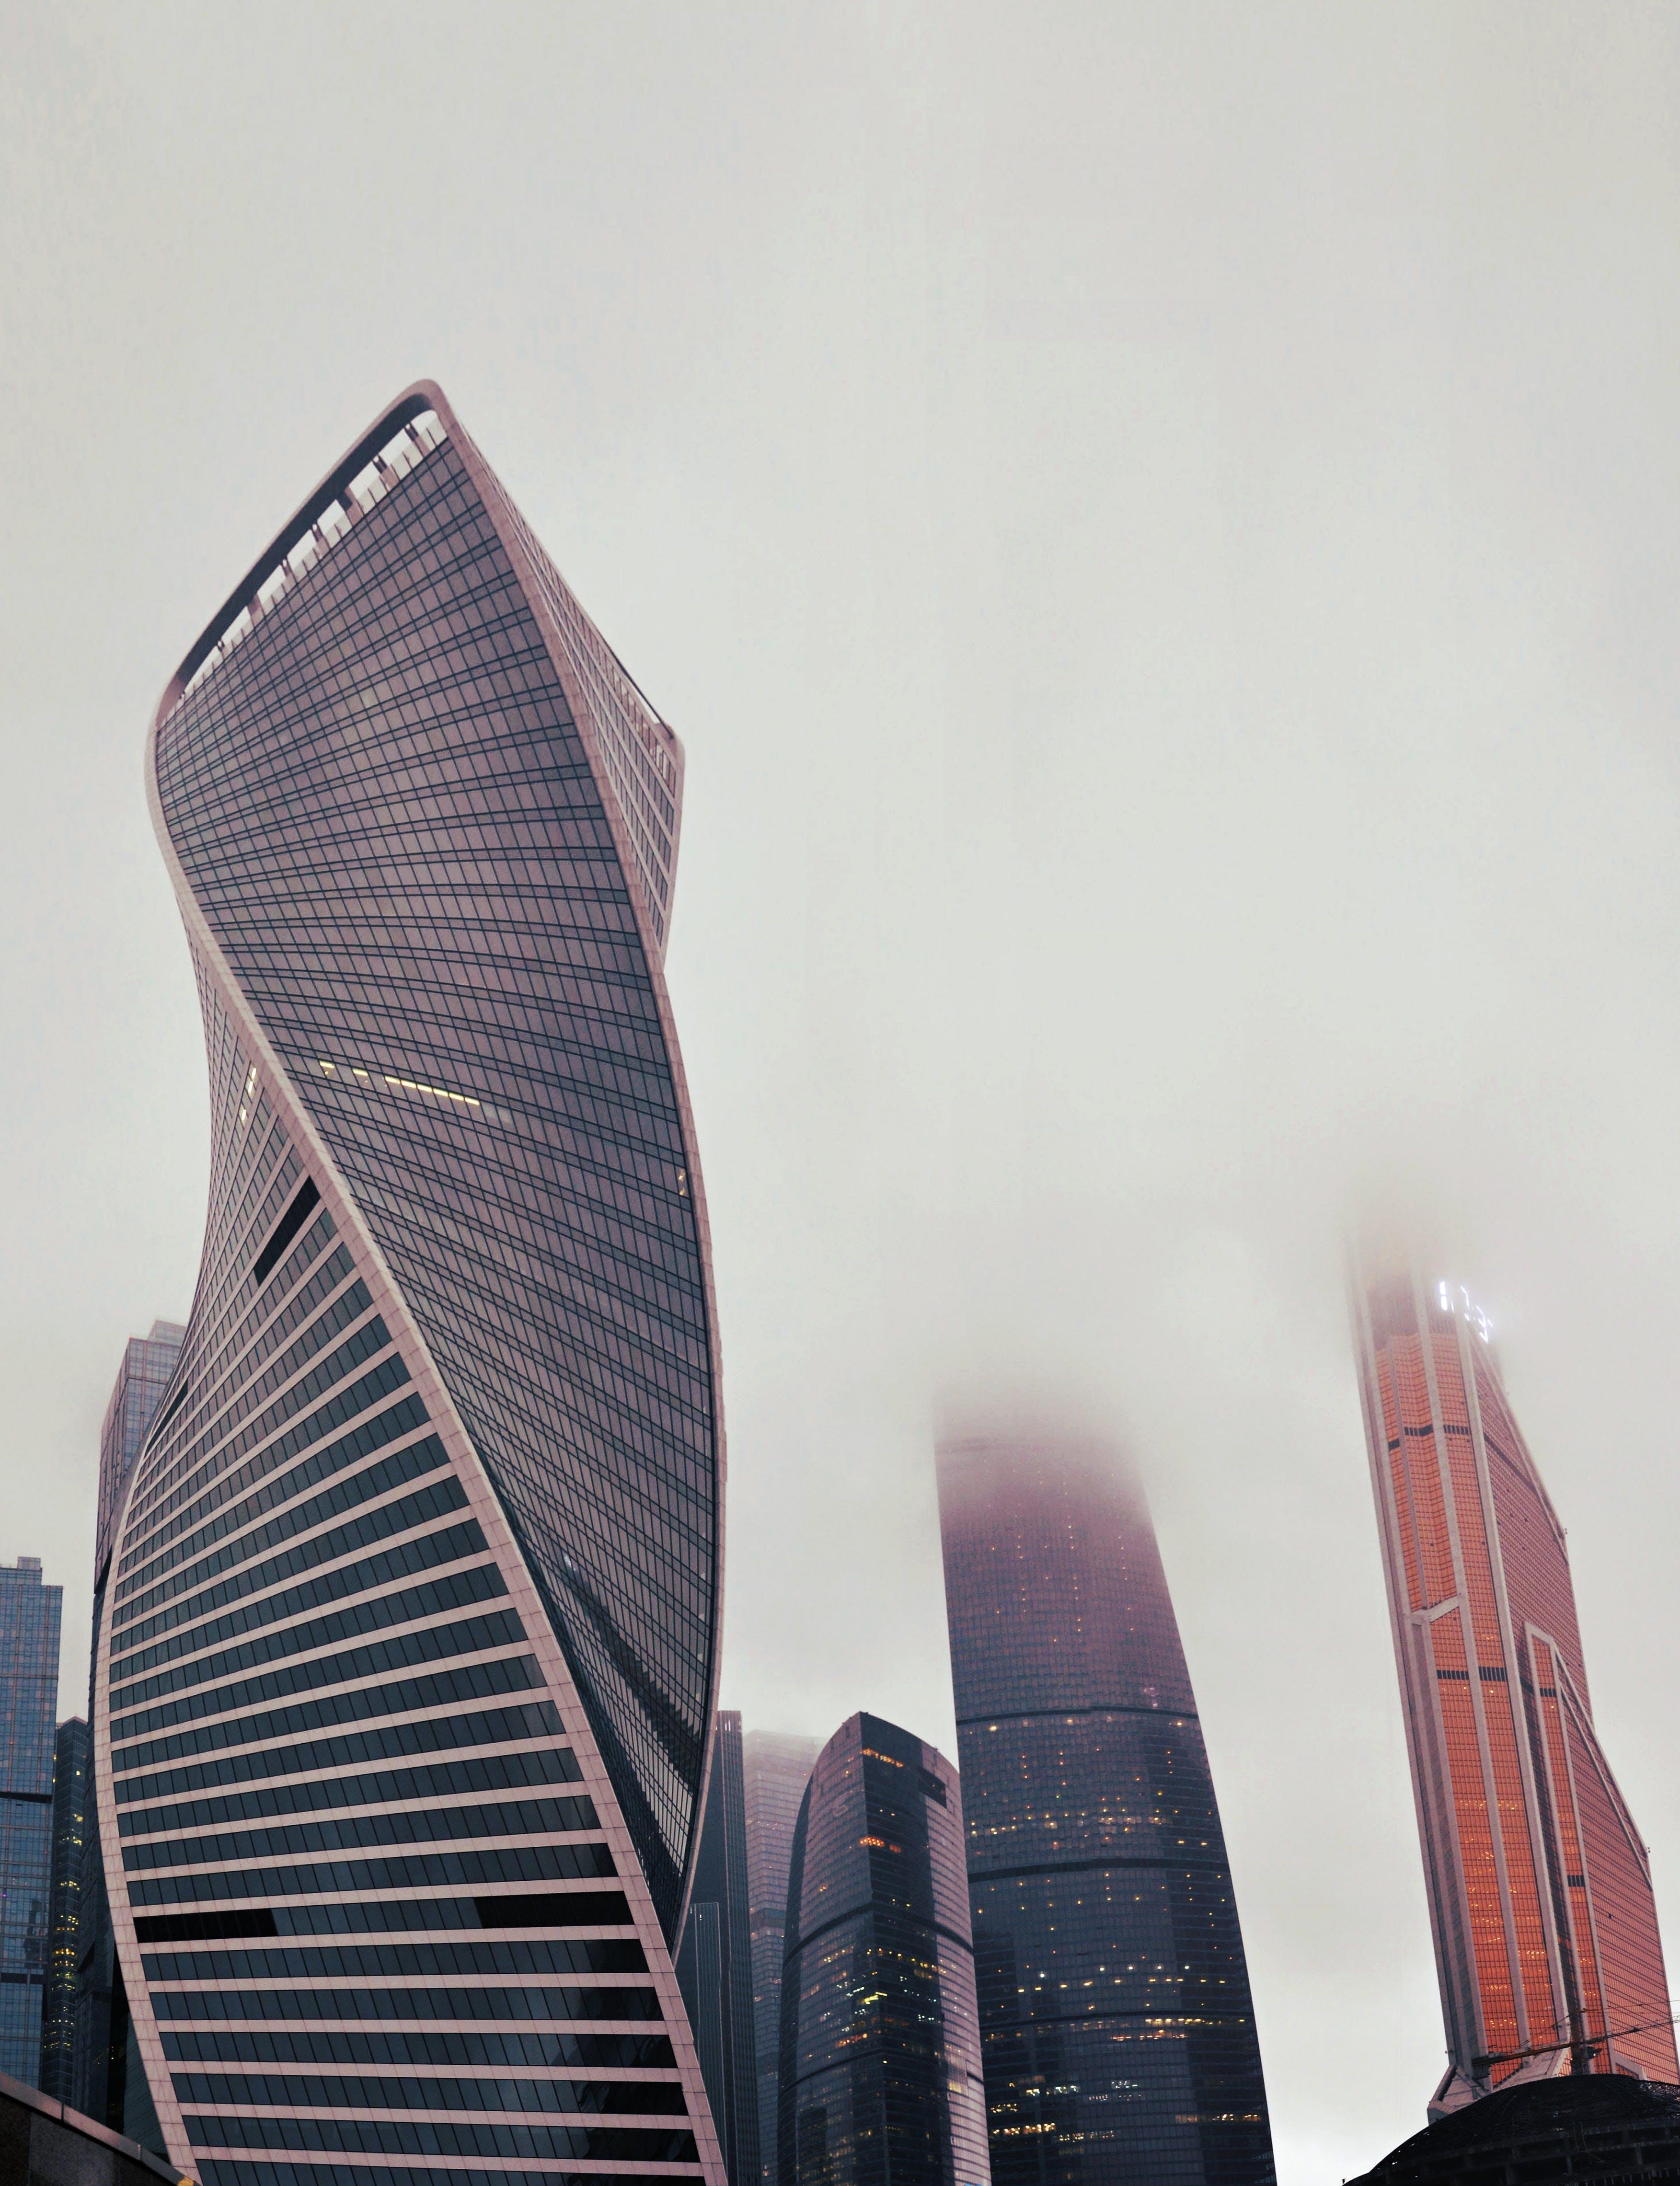 Δωρεάν στοκ φωτογραφιών με αρχιτεκτονική, αρχιτεκτονικό σχέδιο, γυάλινα παράθυρα, εξωτερικό κτηρίου